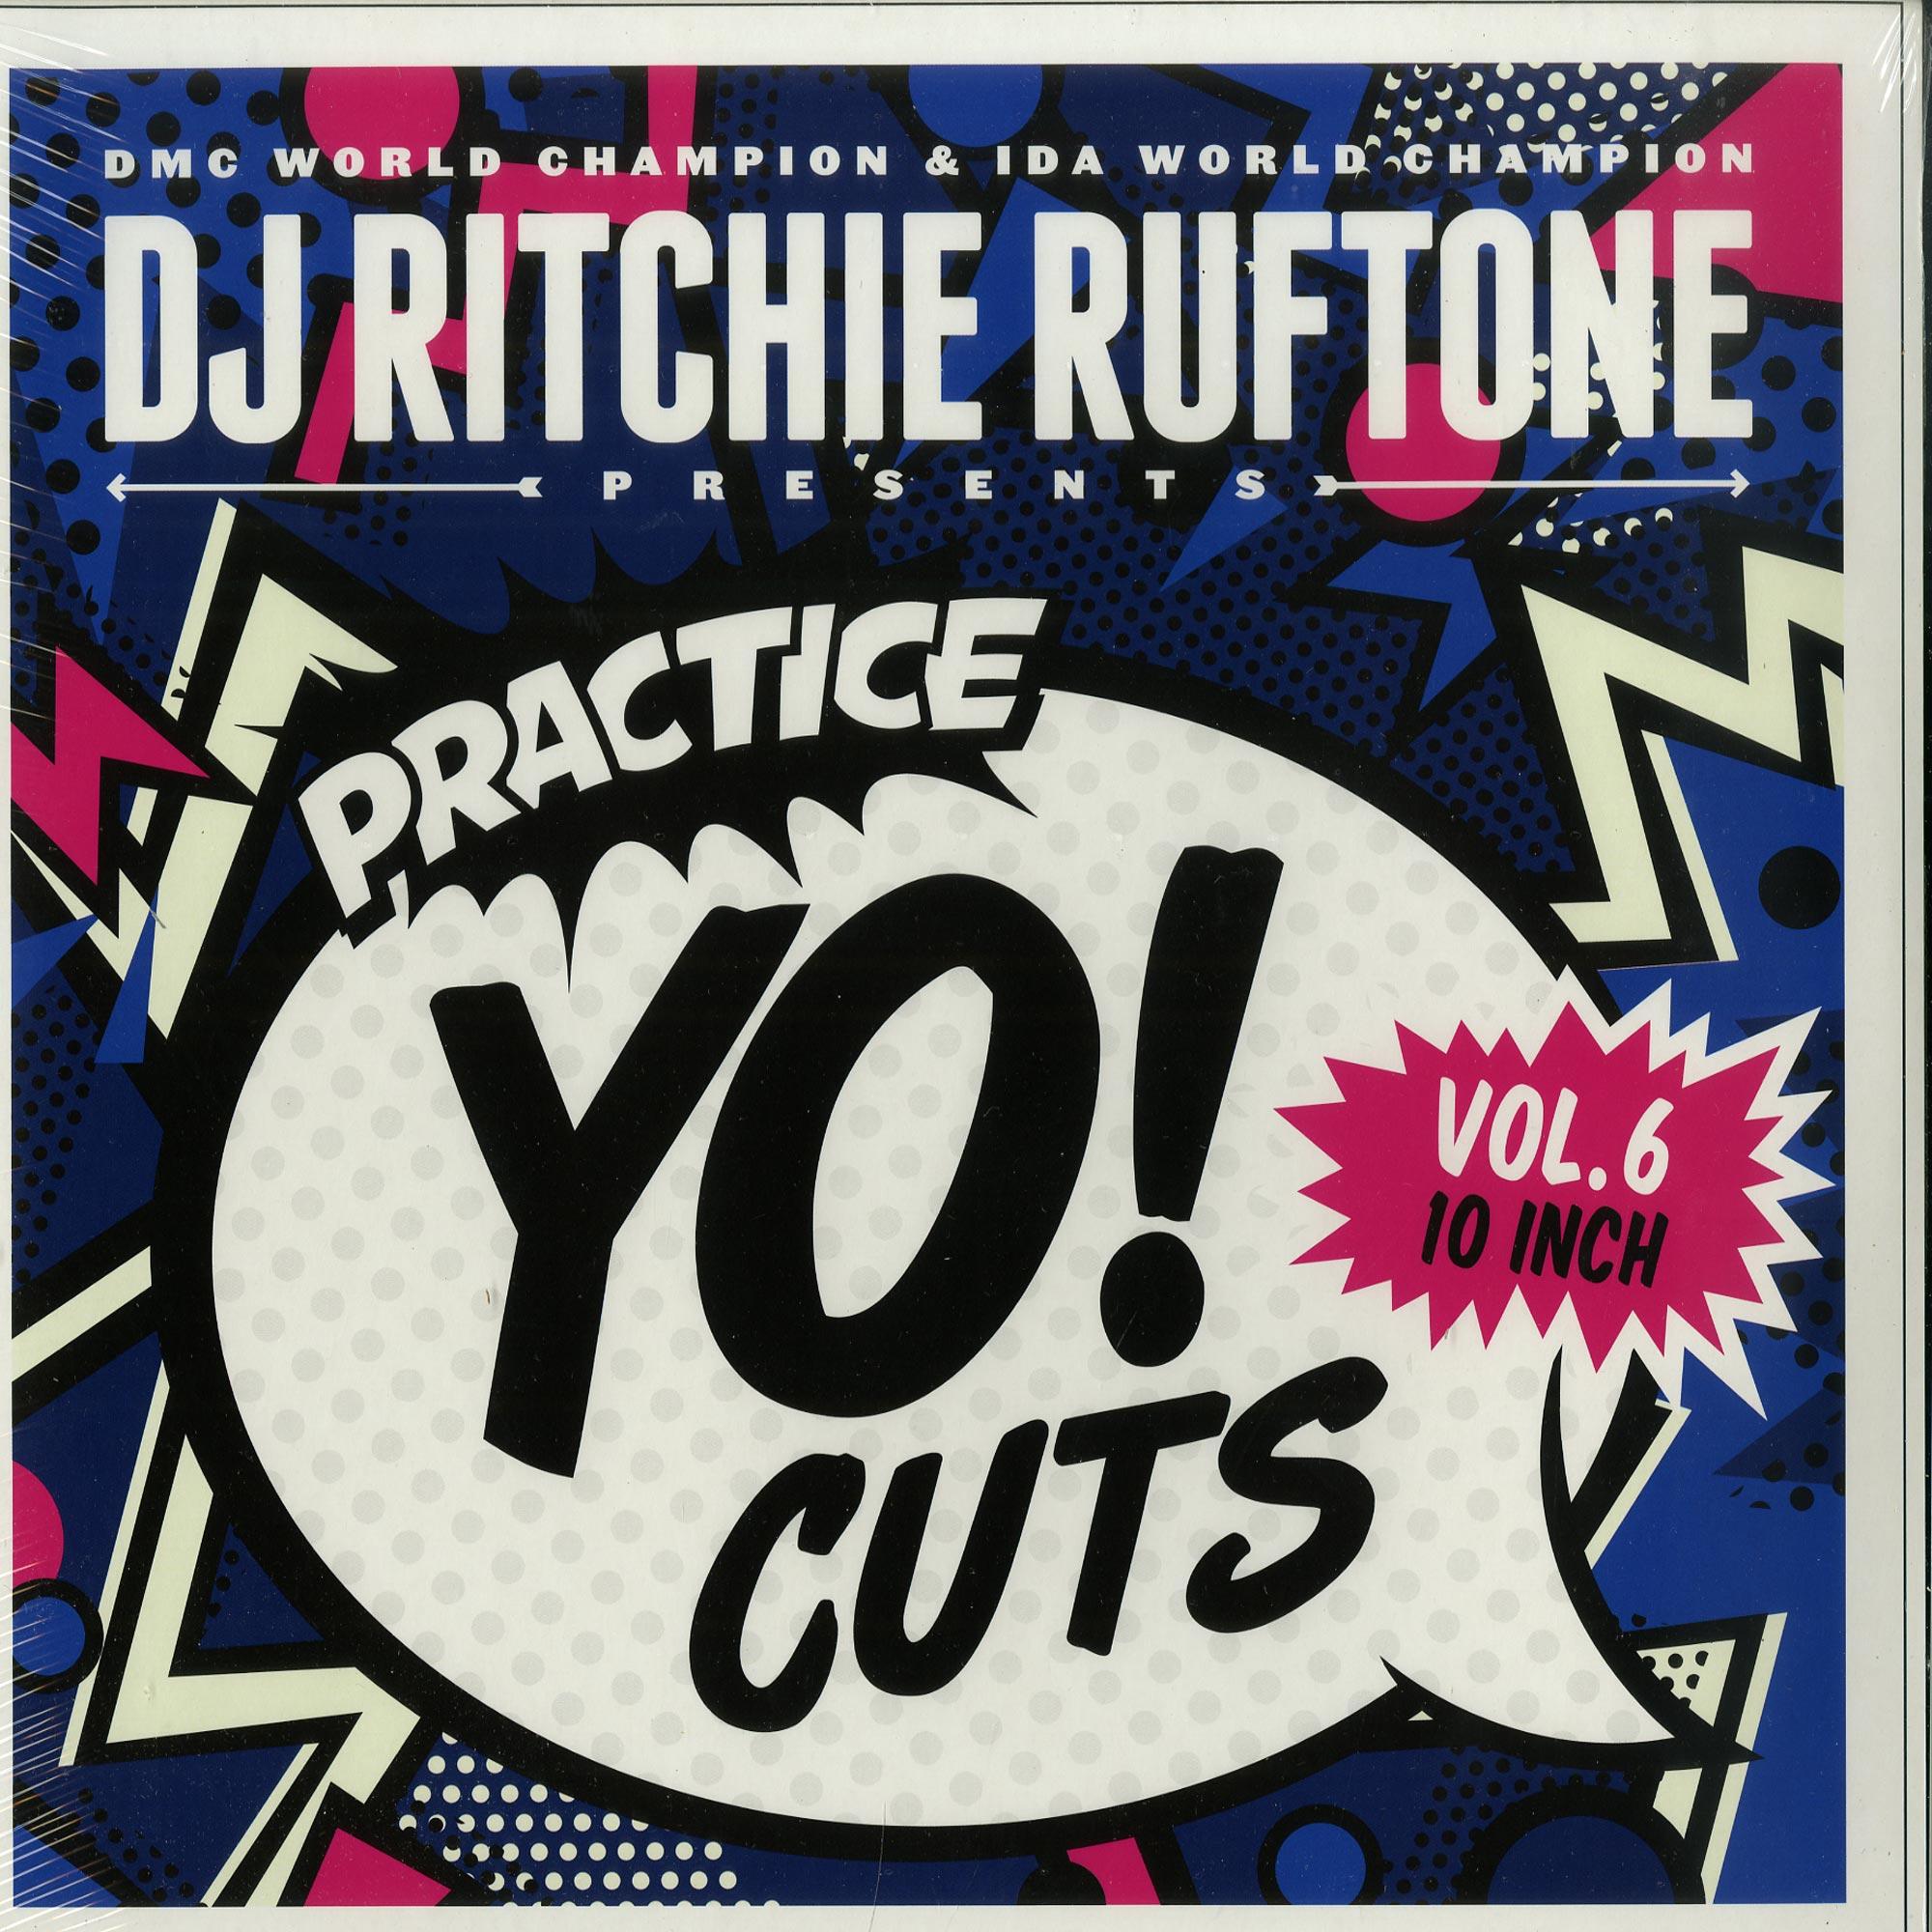 DJ Ritchie Ruftone - PRACTICE YO! CUTS VOL.6